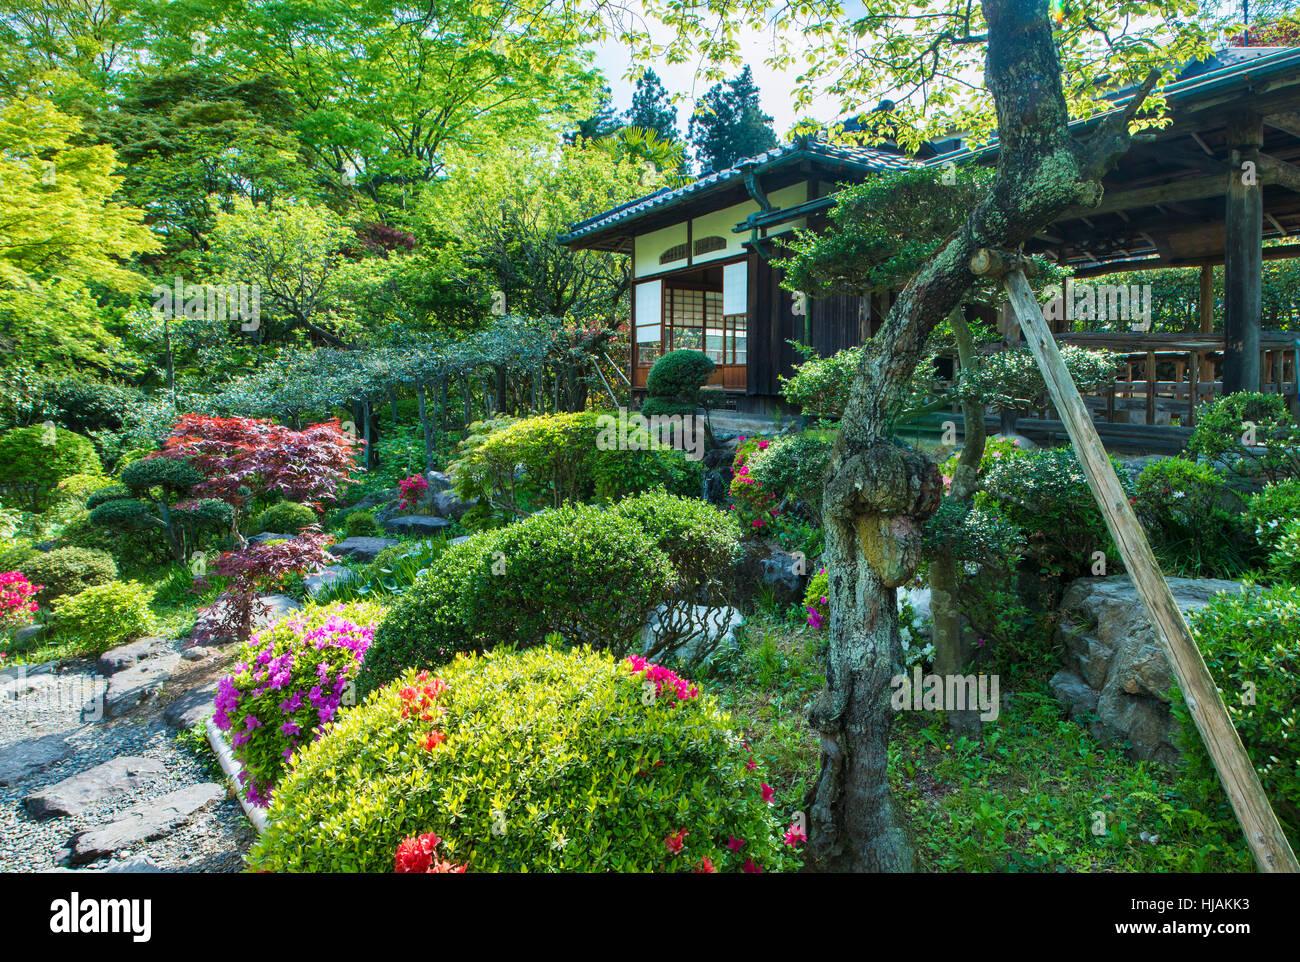 Un jardin de thé traditionnel japonais et de la maison, chashitsu, près de Tokyo au Japon Photo Stock